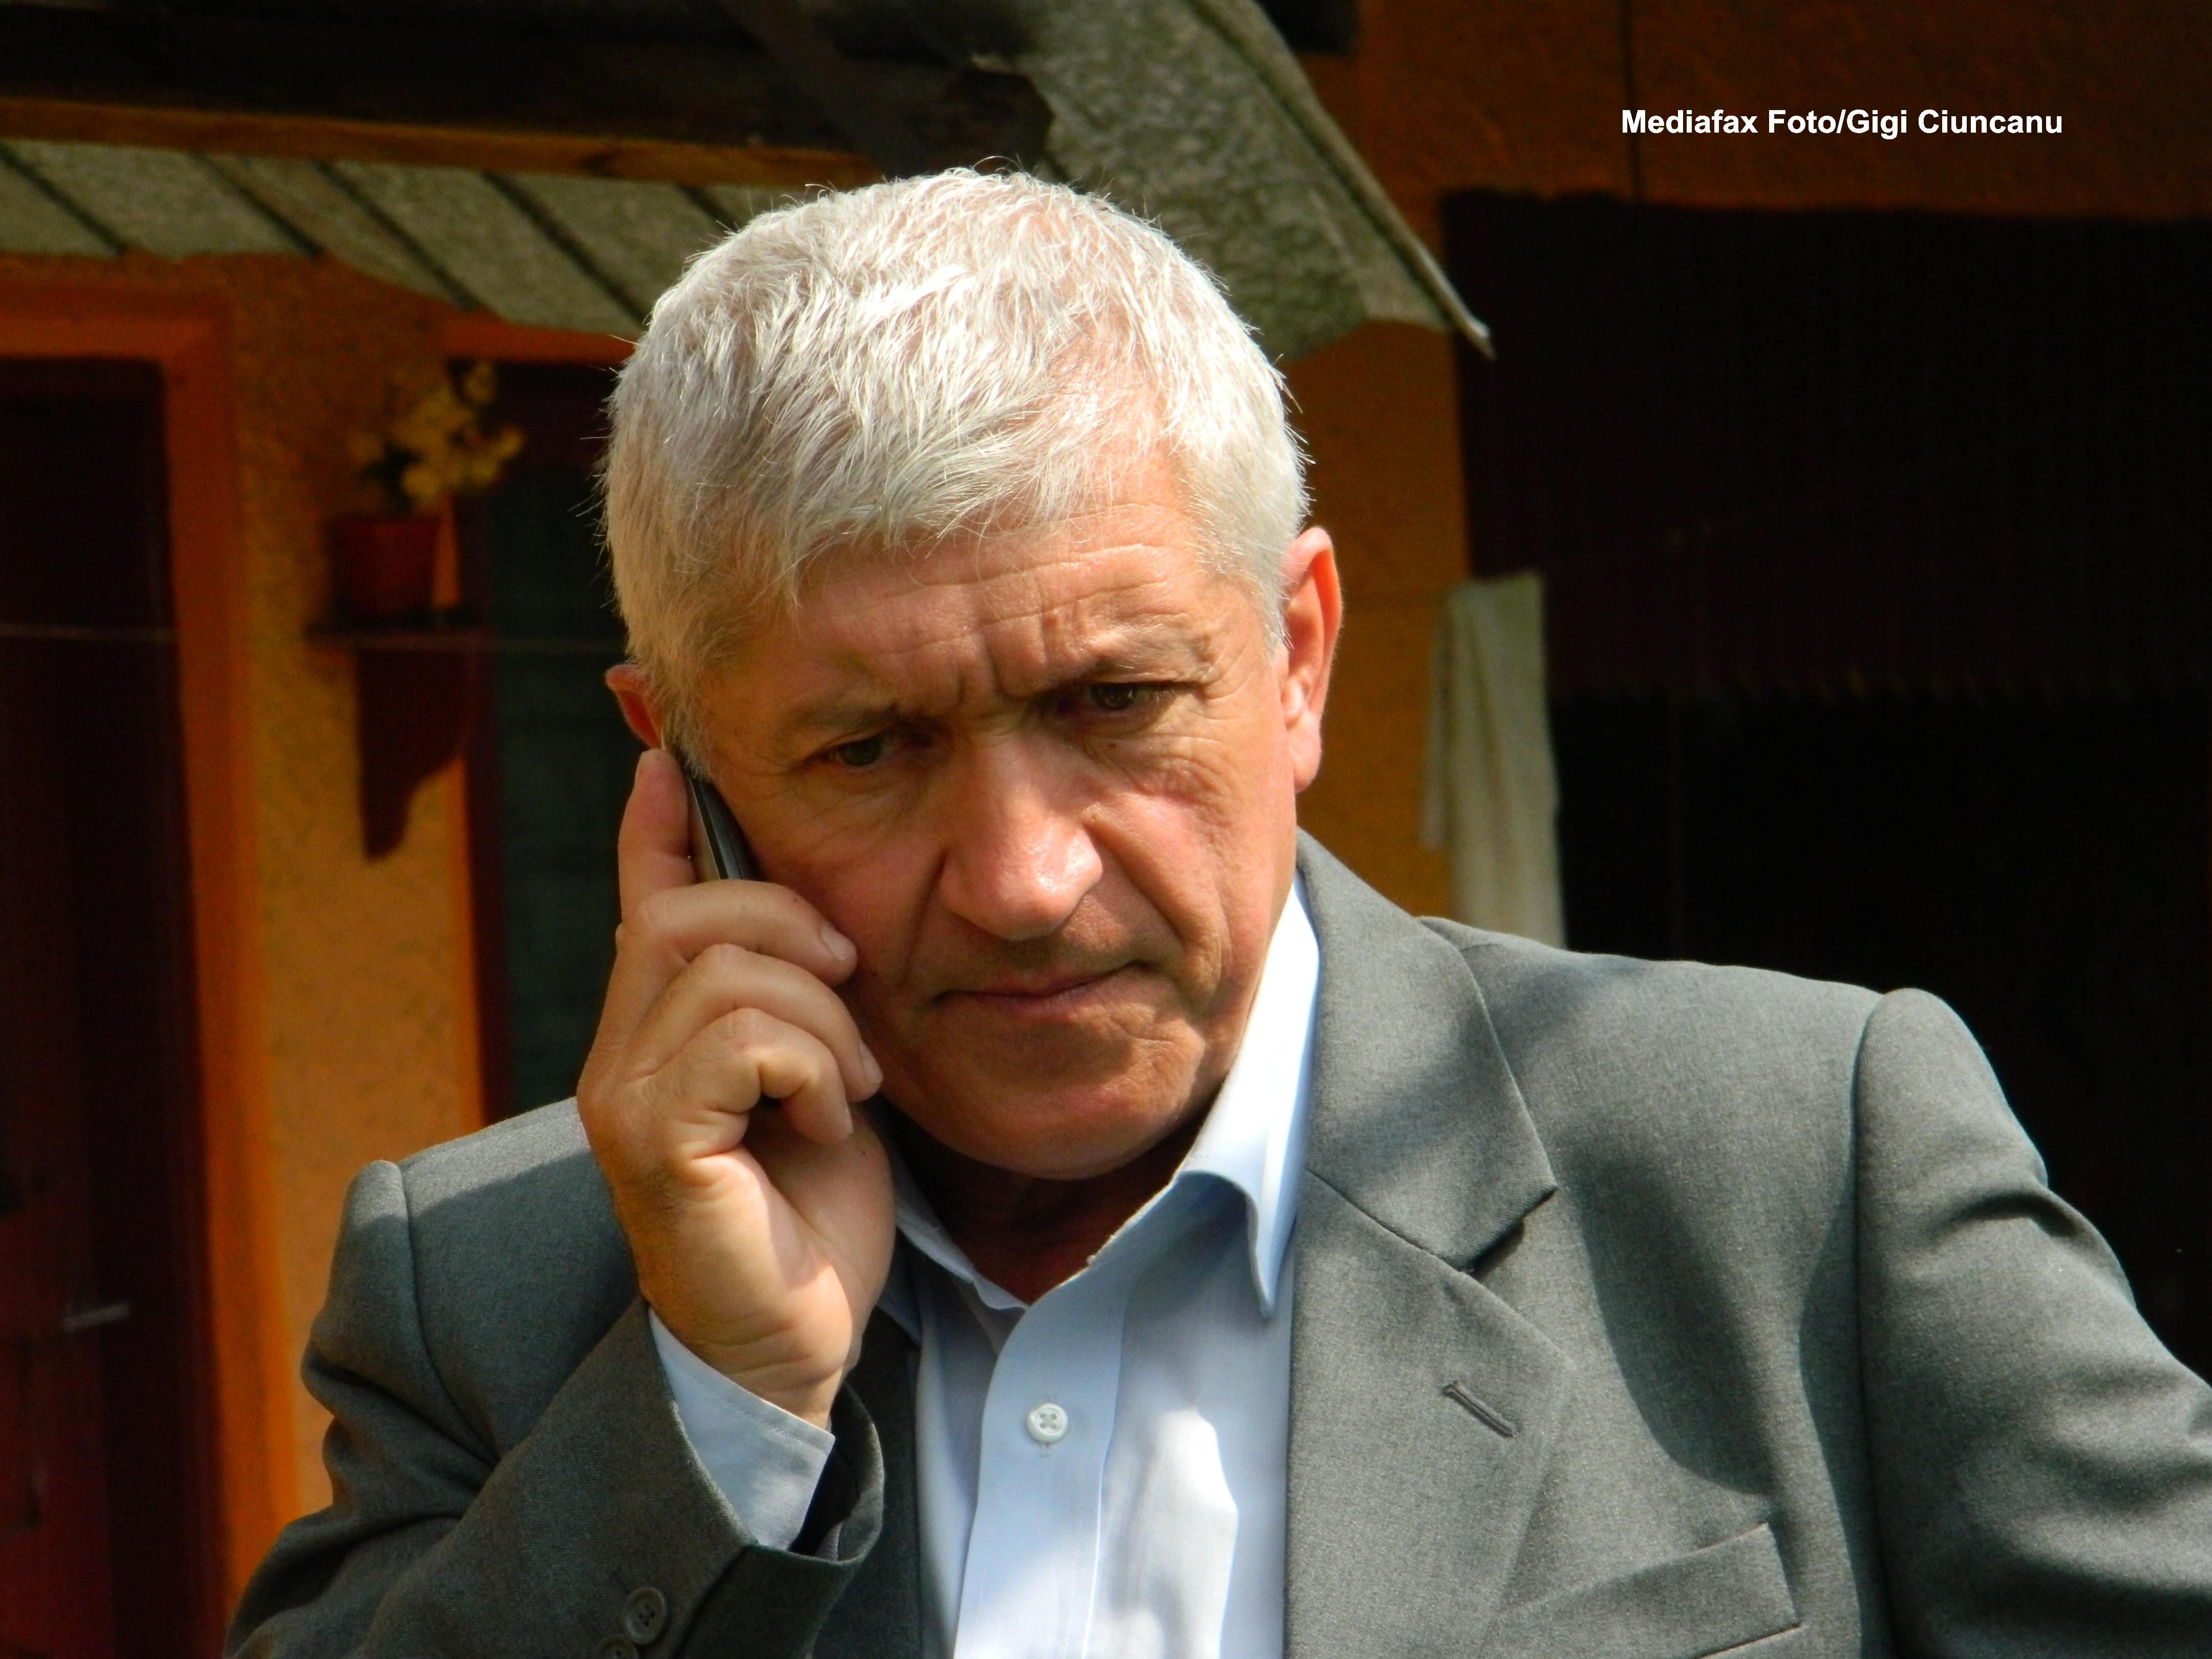 Senatul a RESPINS solicitarea de incetare a mandatului lui Mircea Diaconu